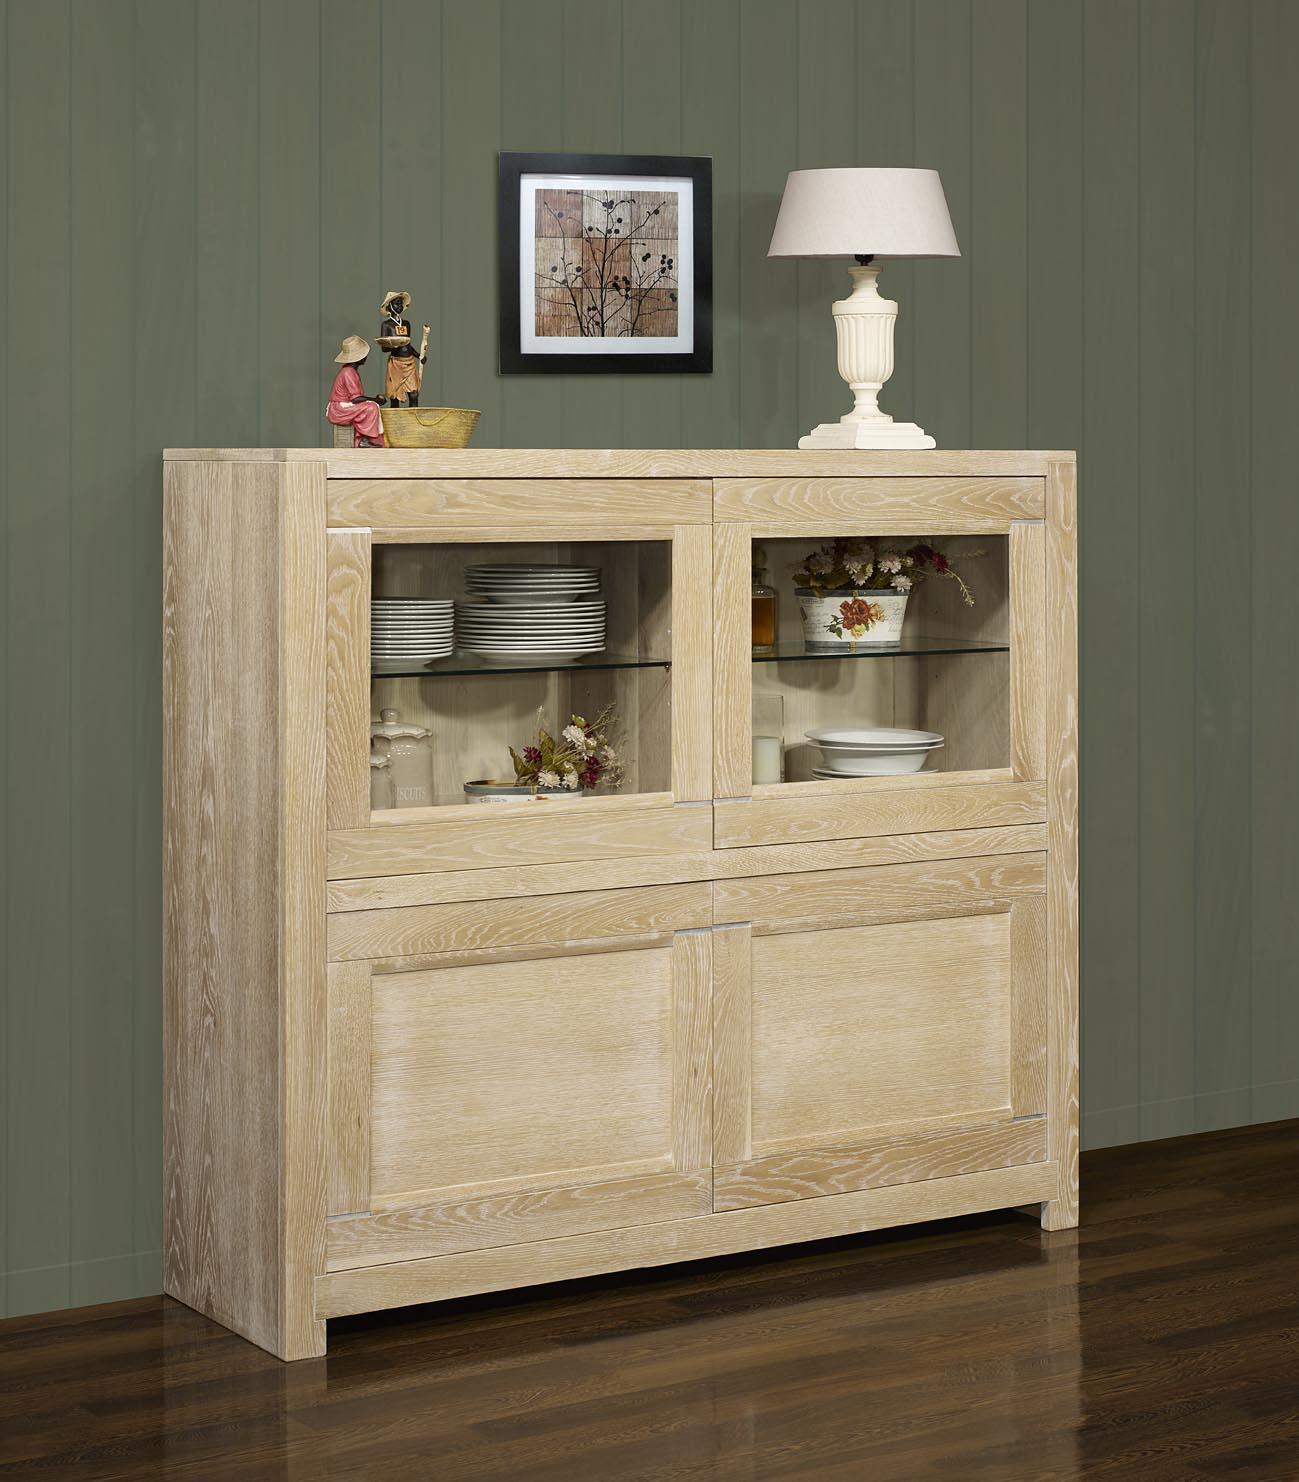 vitrine 4 portes loann en ch ne massif de style contemporain largeur 160 cm meuble en ch ne massif. Black Bedroom Furniture Sets. Home Design Ideas